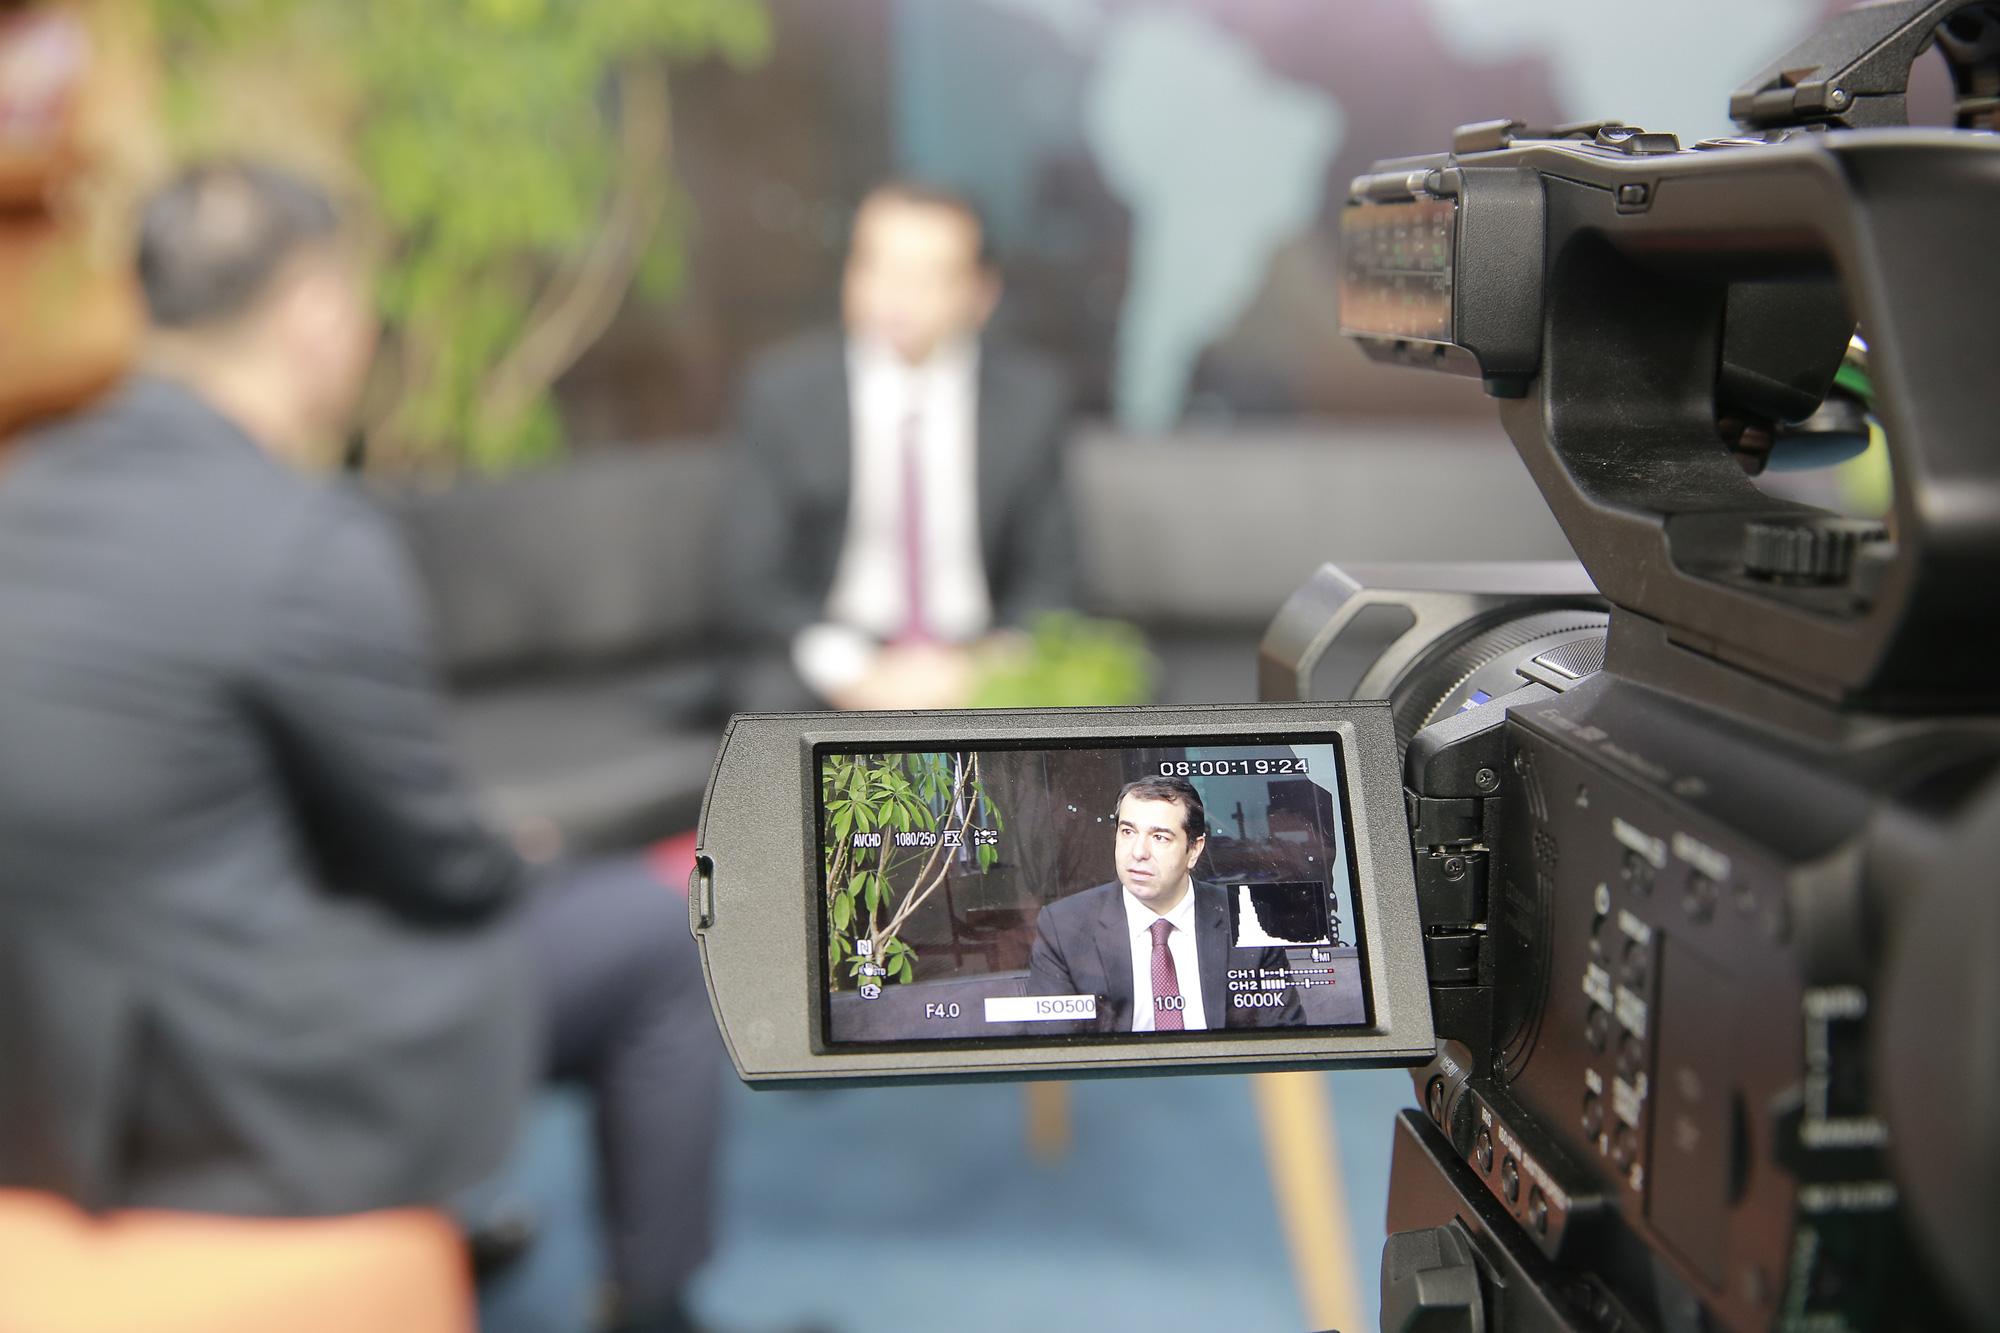 Đại sứ Azerbaijan tại Việt Nam: Sau hiệp định hòa bình với Armenia, chúng tôi sẽ tái thiết để đem lại thịnh vượng - Ảnh 3.